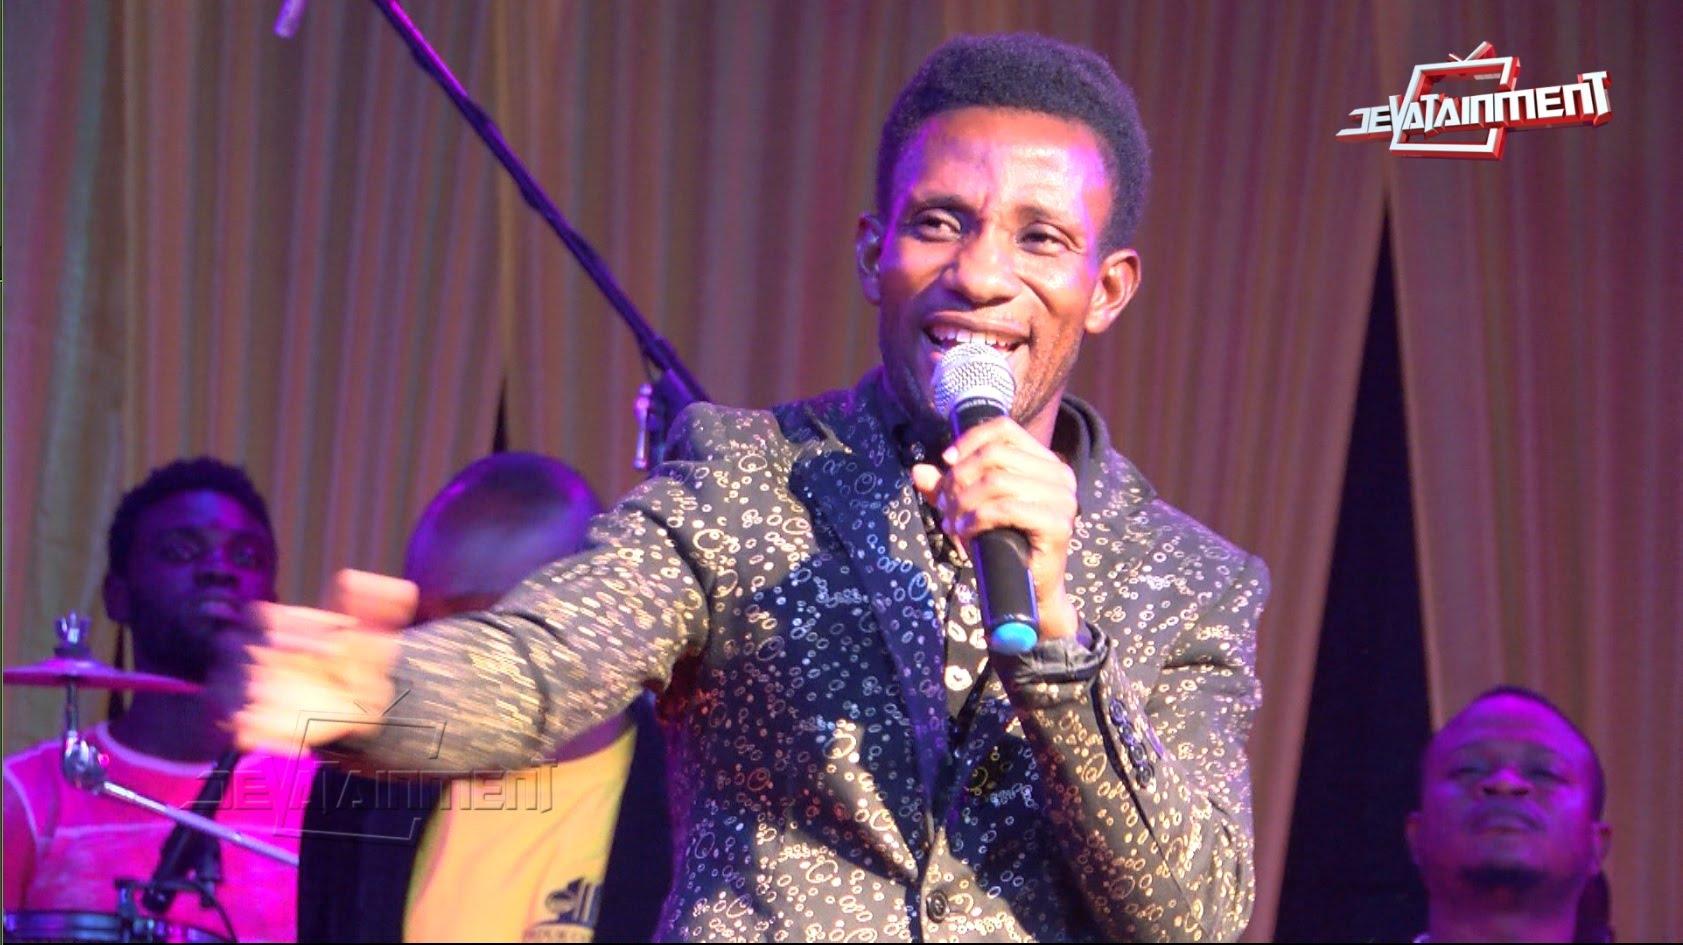 Evangelist Akwesi Nyarko Lambastes Obuor- 'You Have Disappointed Us'